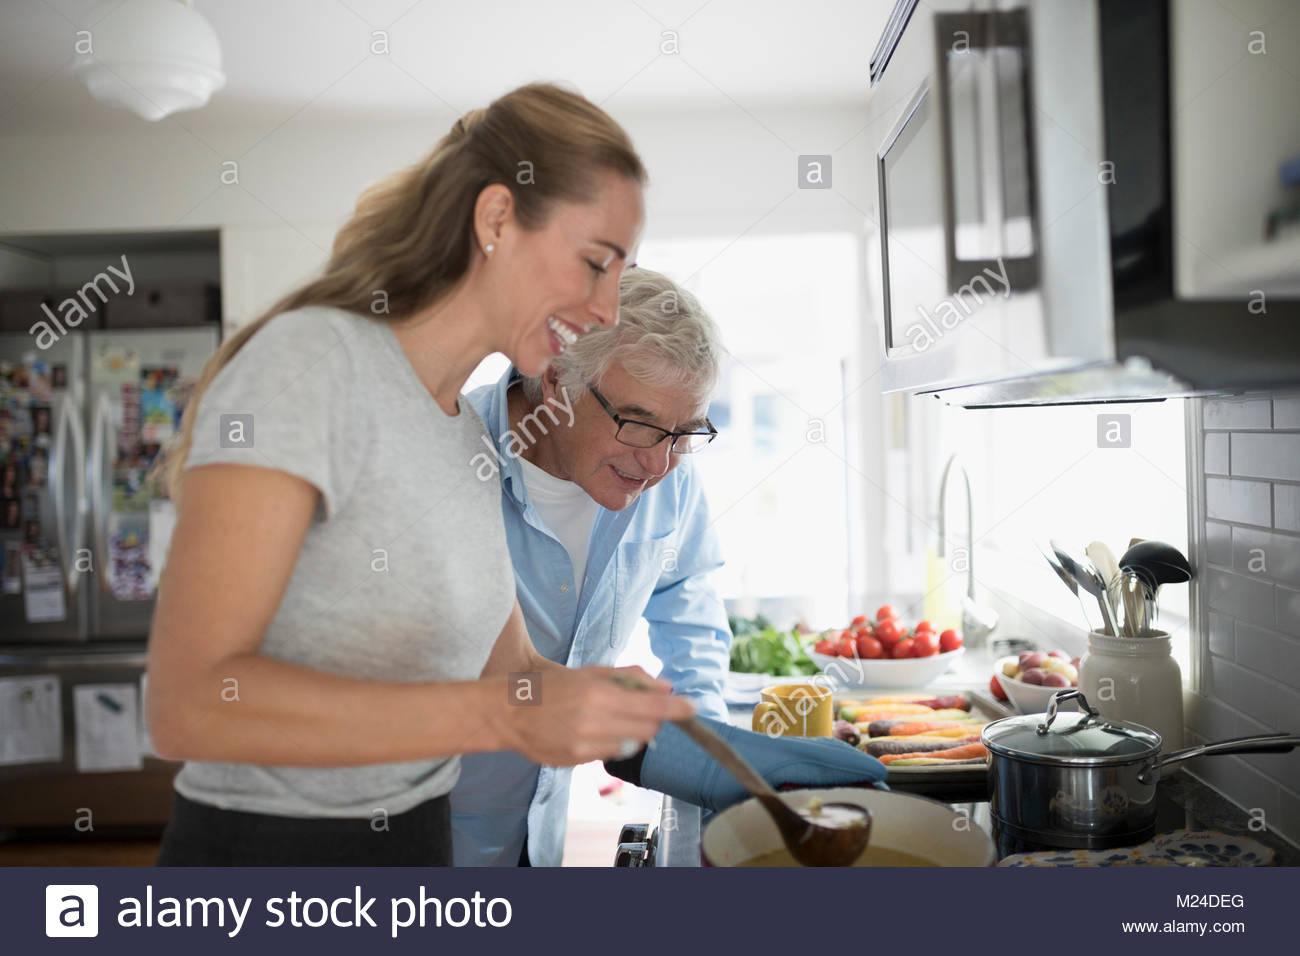 Lächelnd Tochter und Vater kochen am Herd in der Küche Stockbild